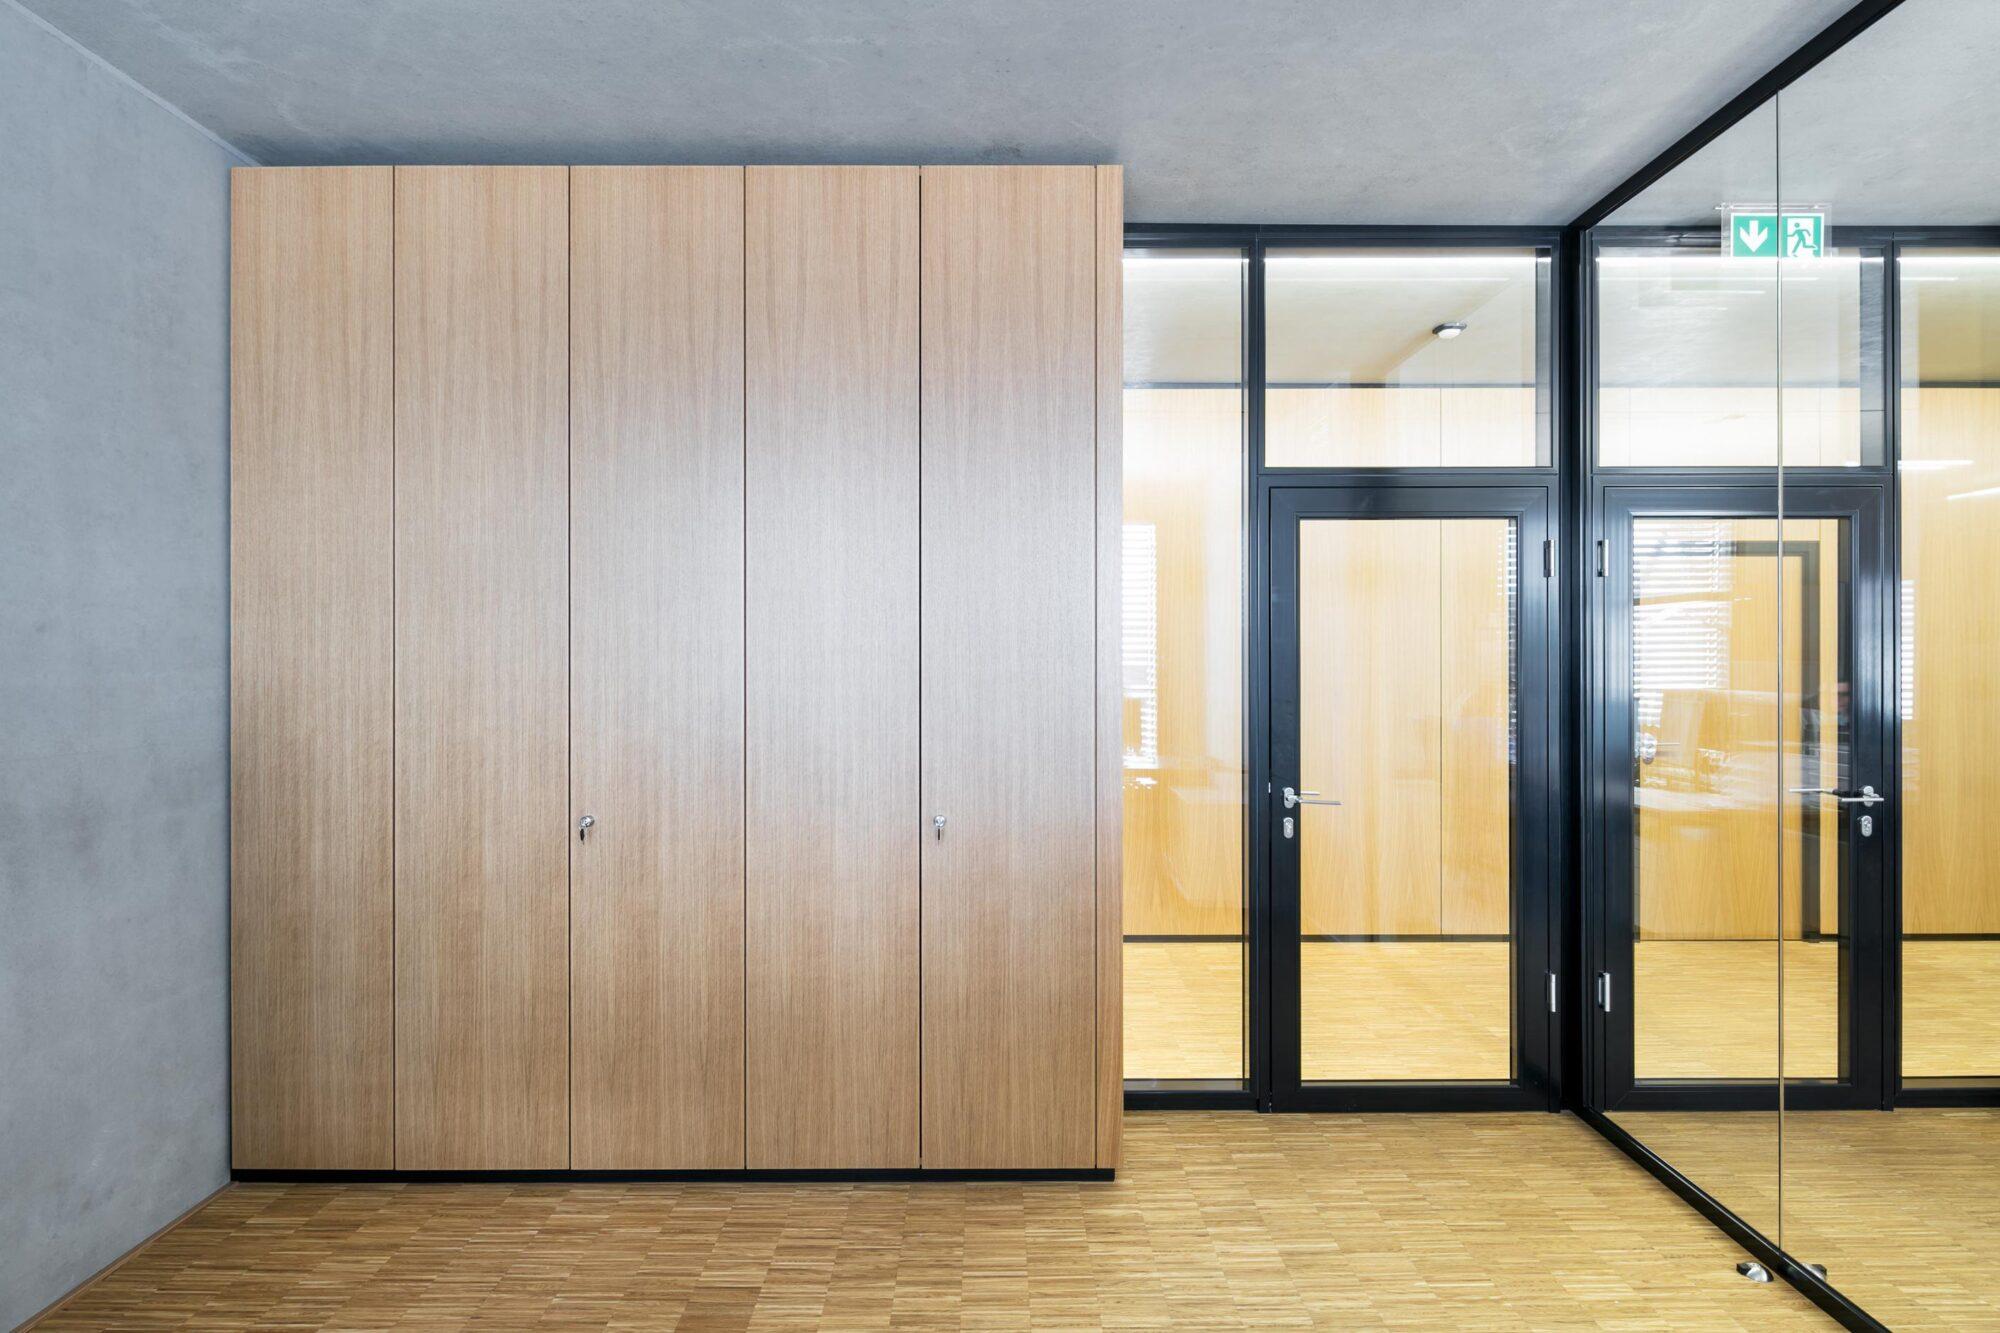 fecoorga│feco partition walls│ABI Beton